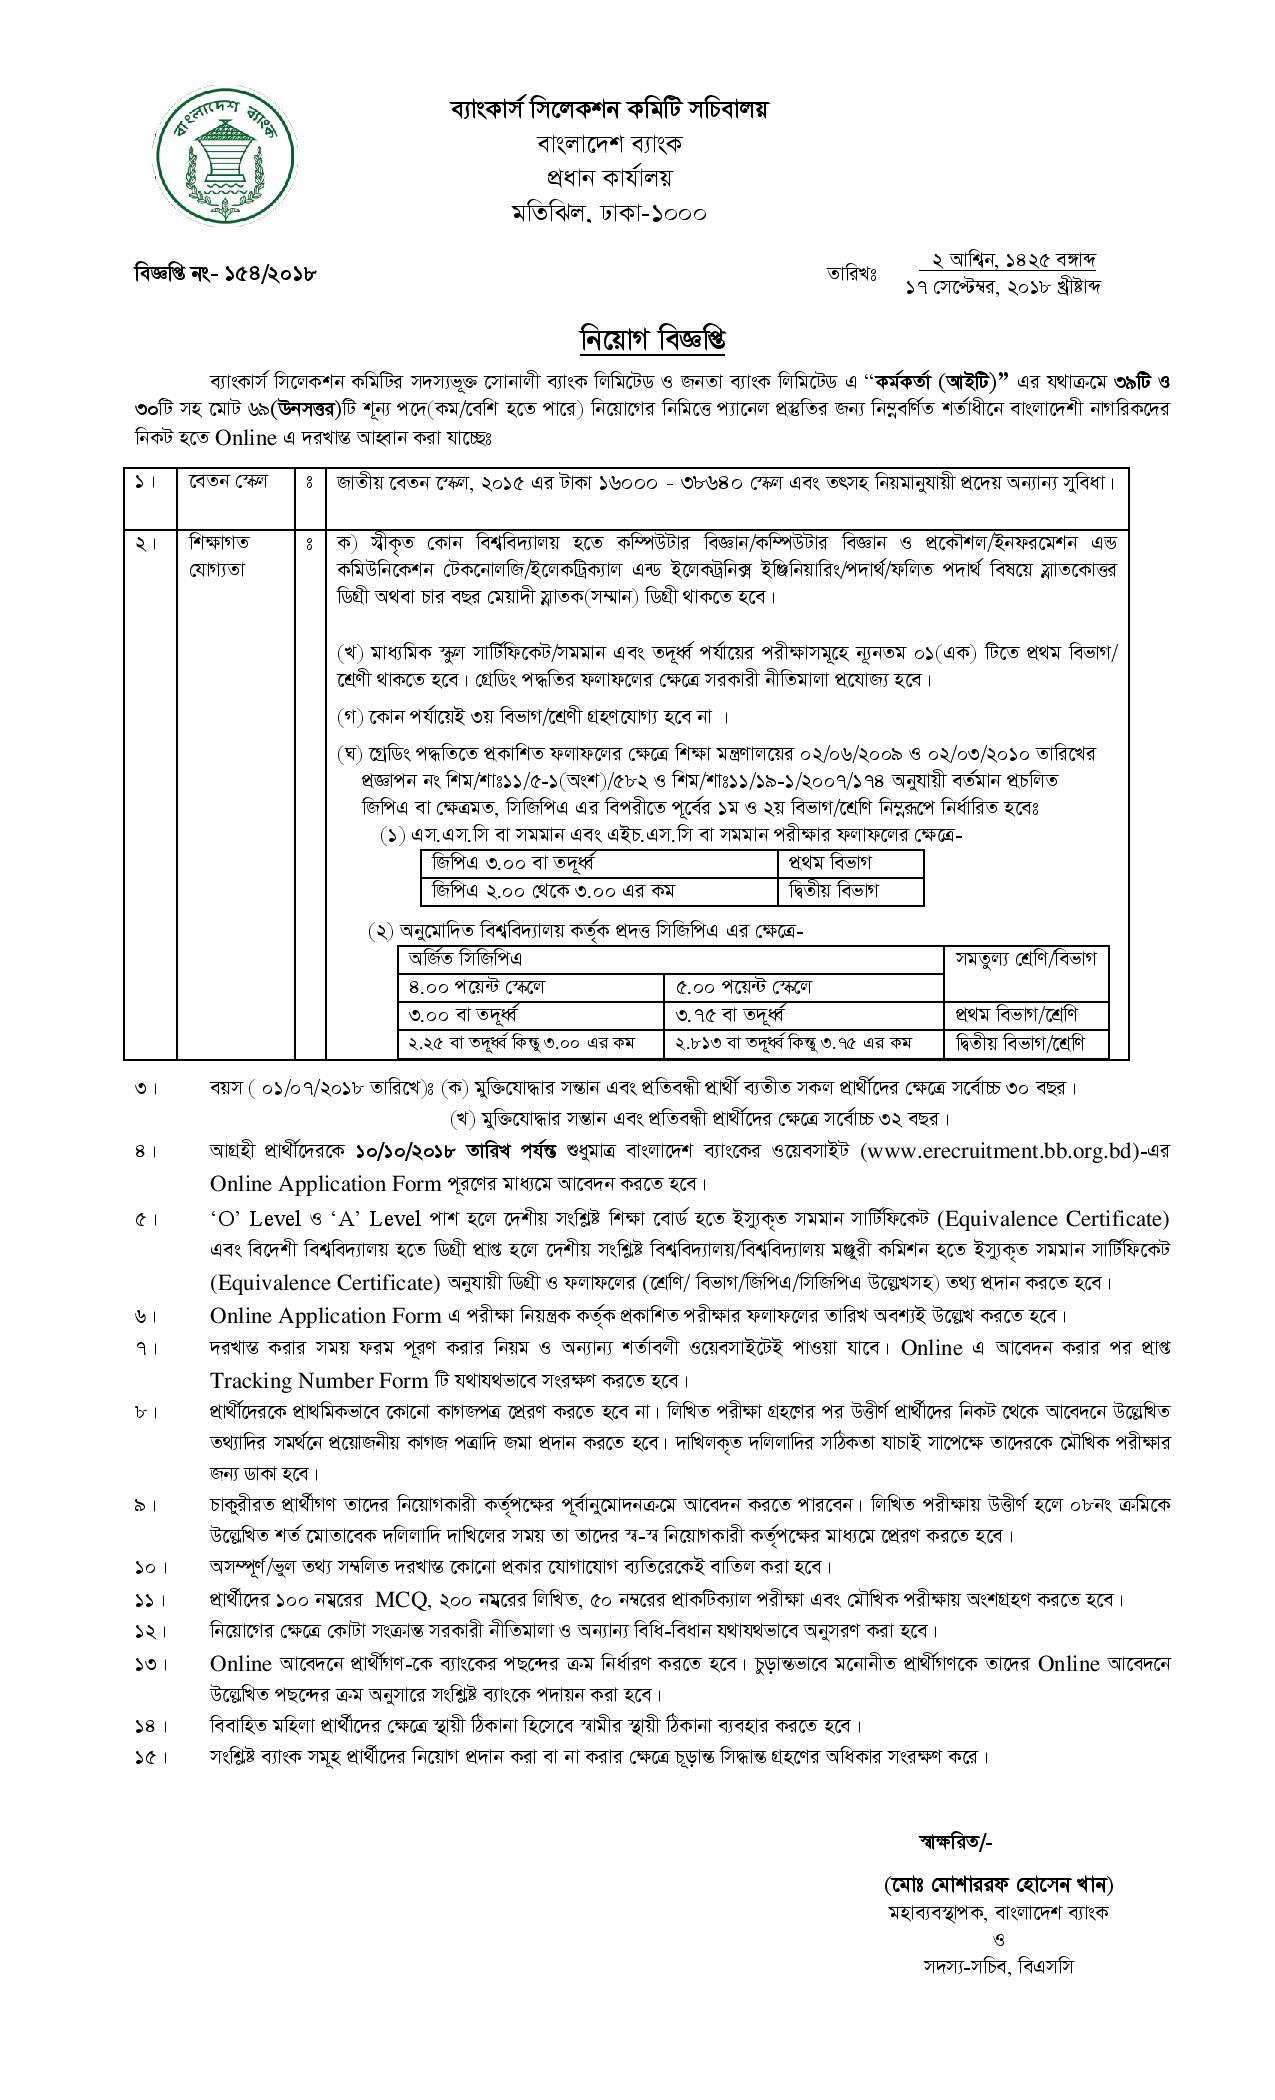 Janata Bank Limited Job Circular 2018